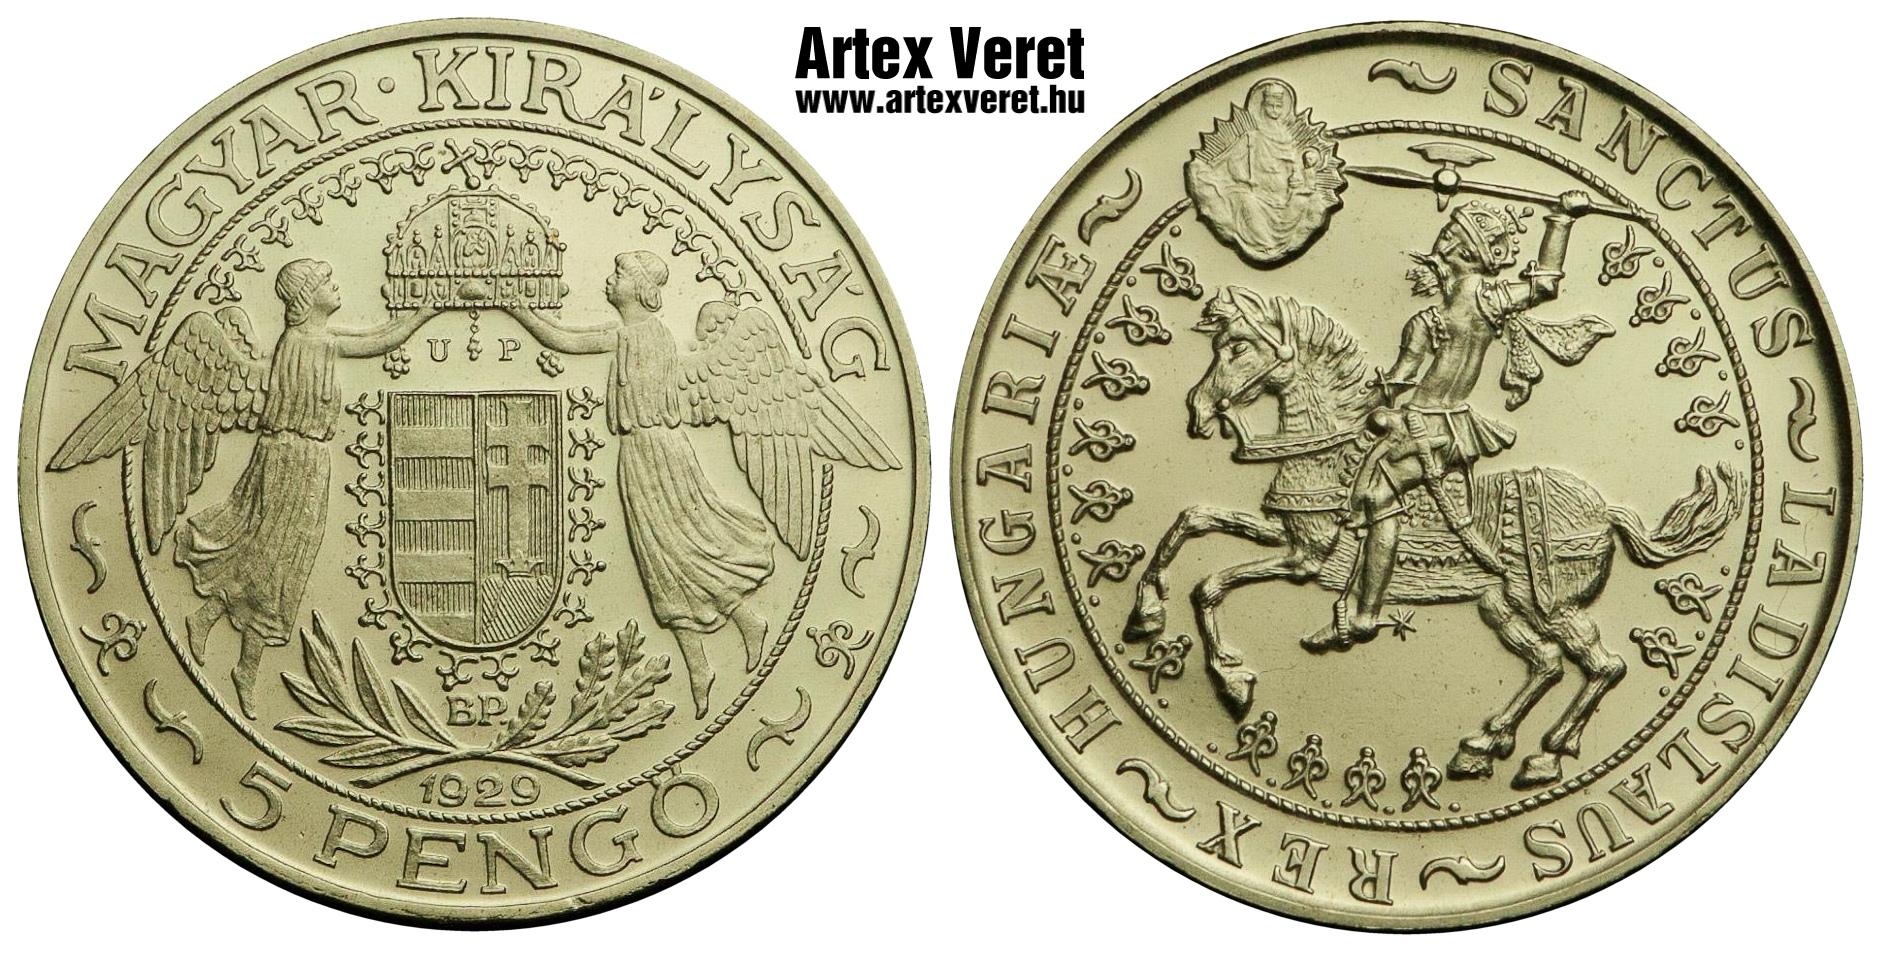 http://www.artexveret.hu/pengo-artex-utanveret/www_artexveret_hu_ezust_lovas-szent-laszlo_1929_up_utanveret_5_pengo.jpg